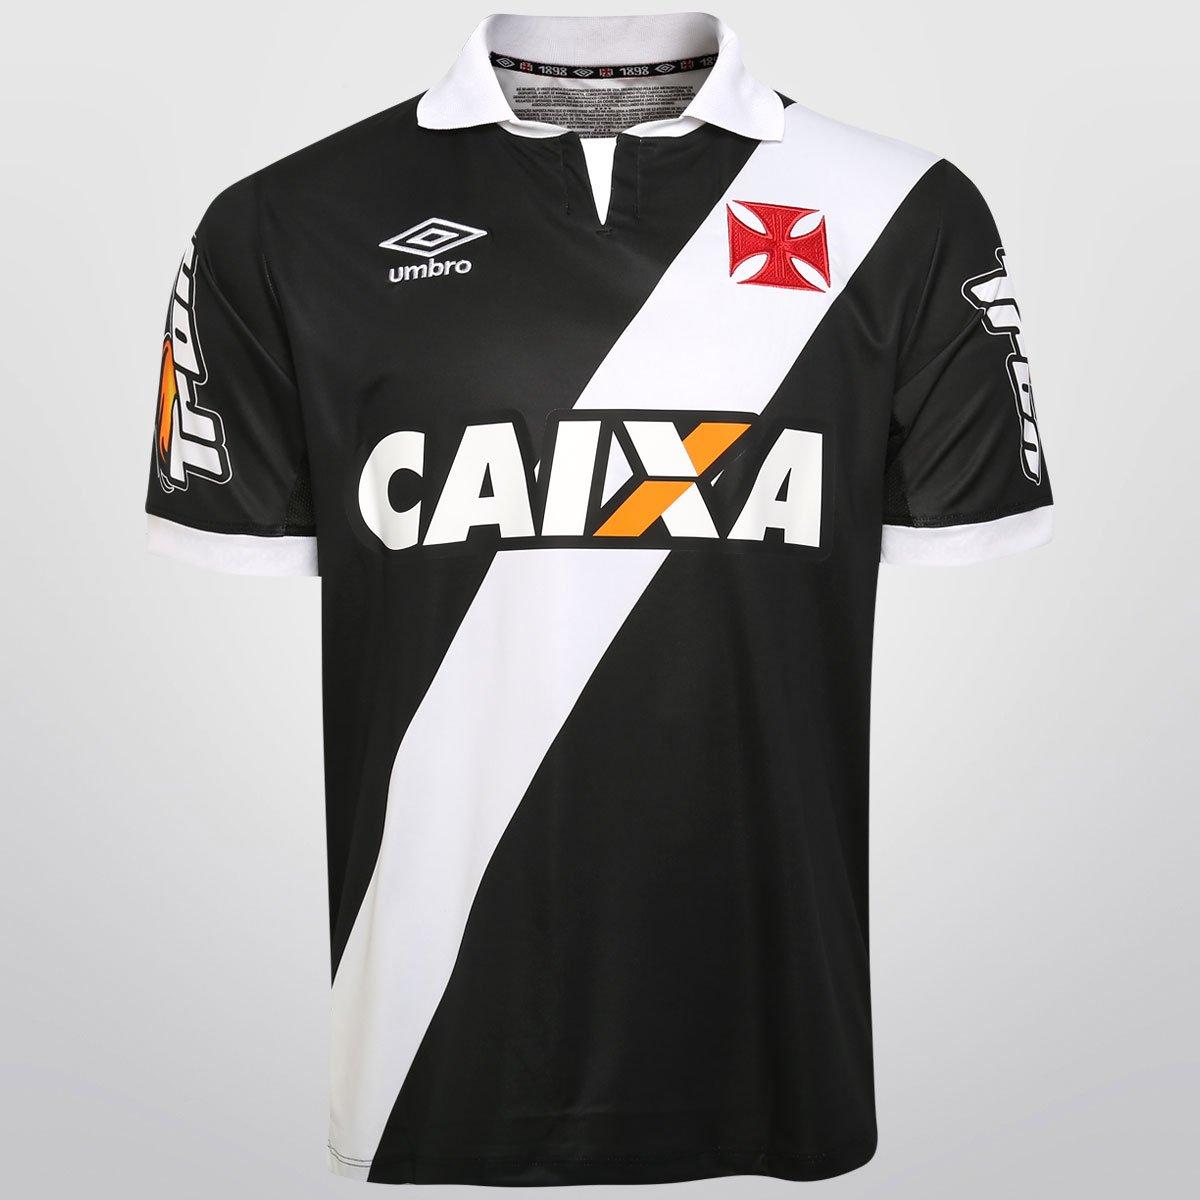 cf3f4dd269 Camisa Umbro Vasco I 2014 s nº - Compre Agora